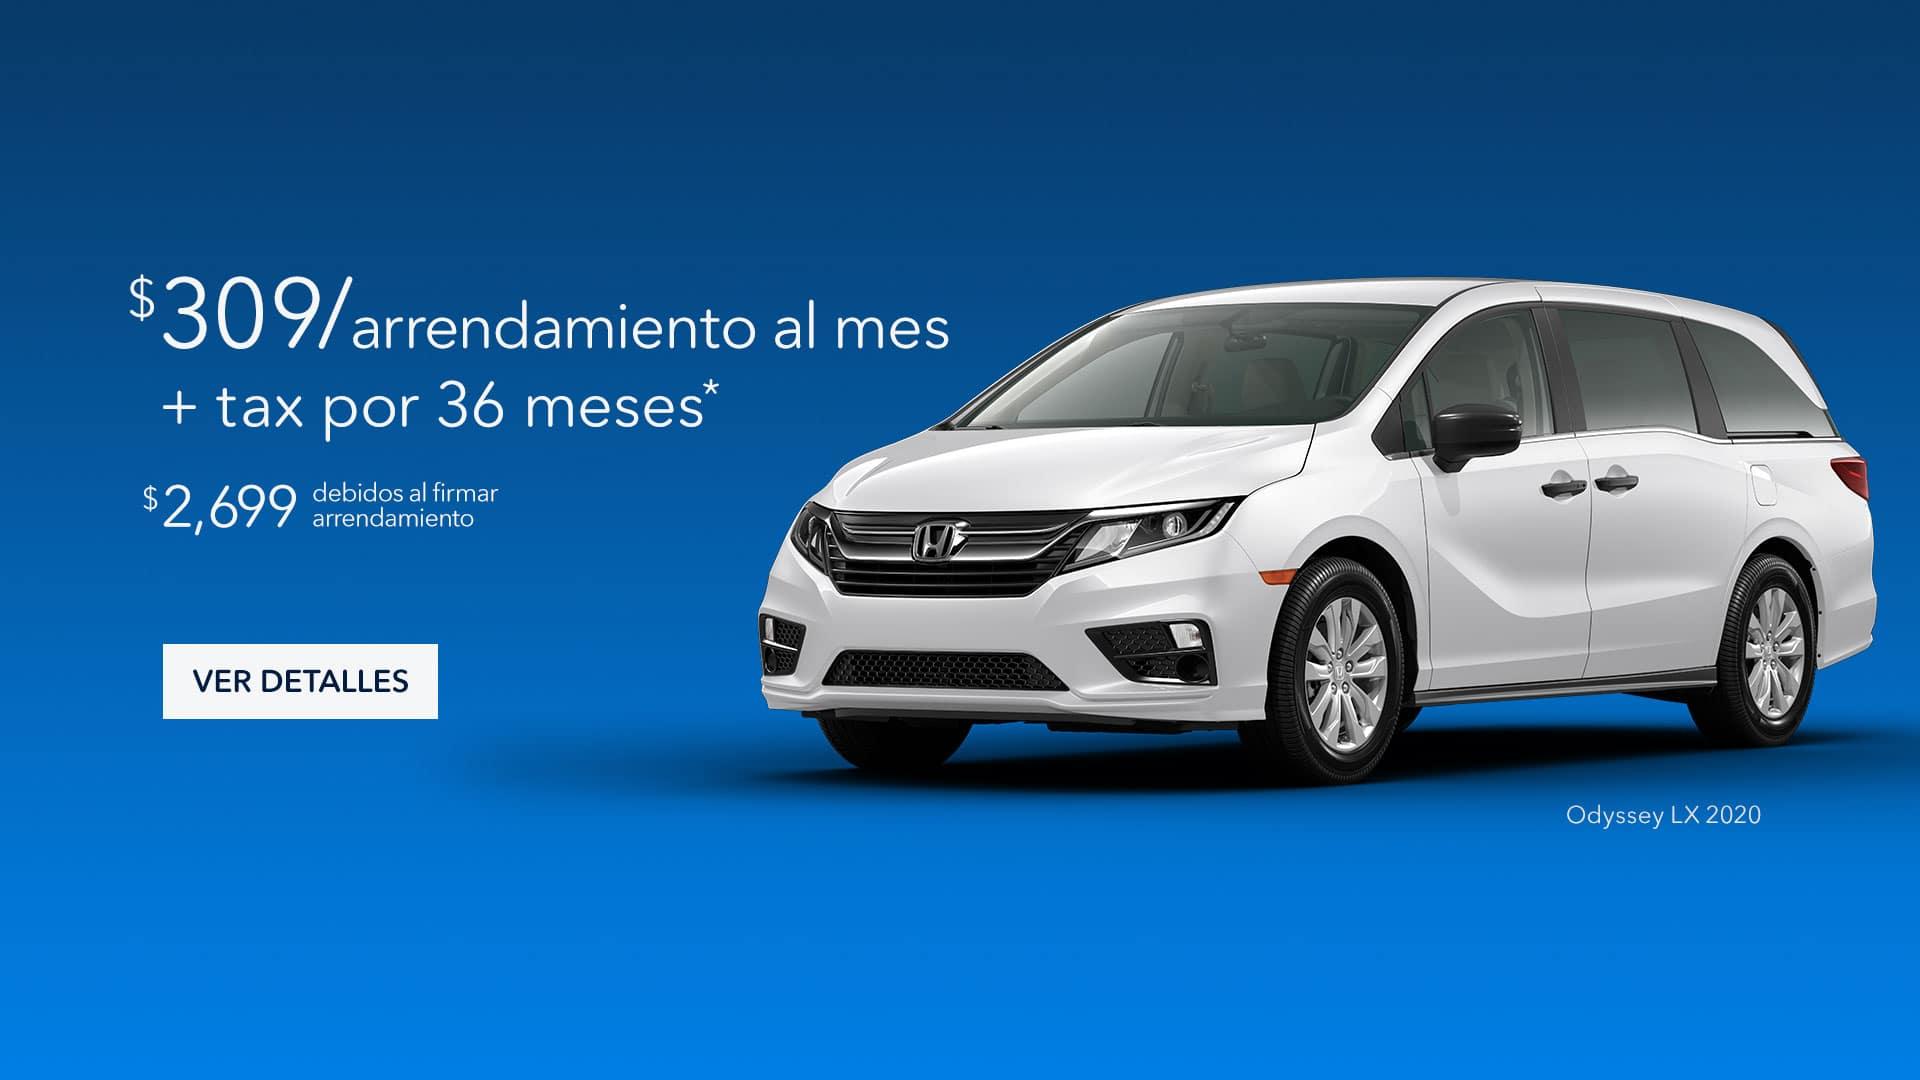 Honda Odyssey $309